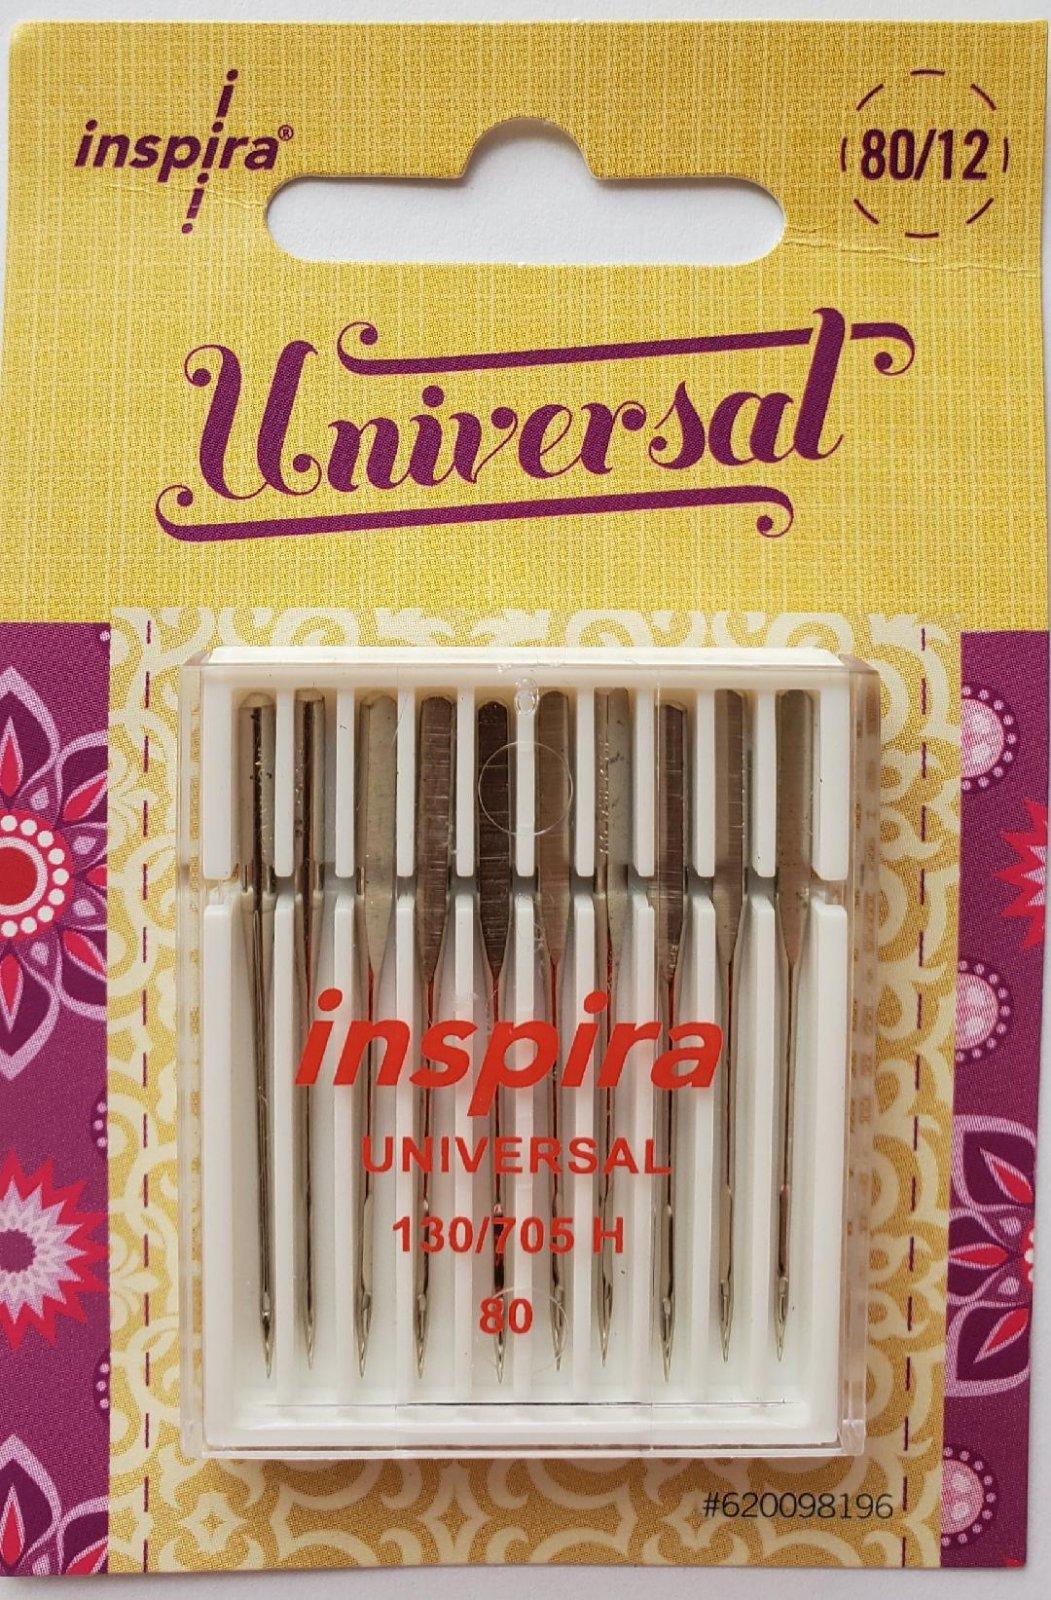 Inspira Universal size 80  10pk